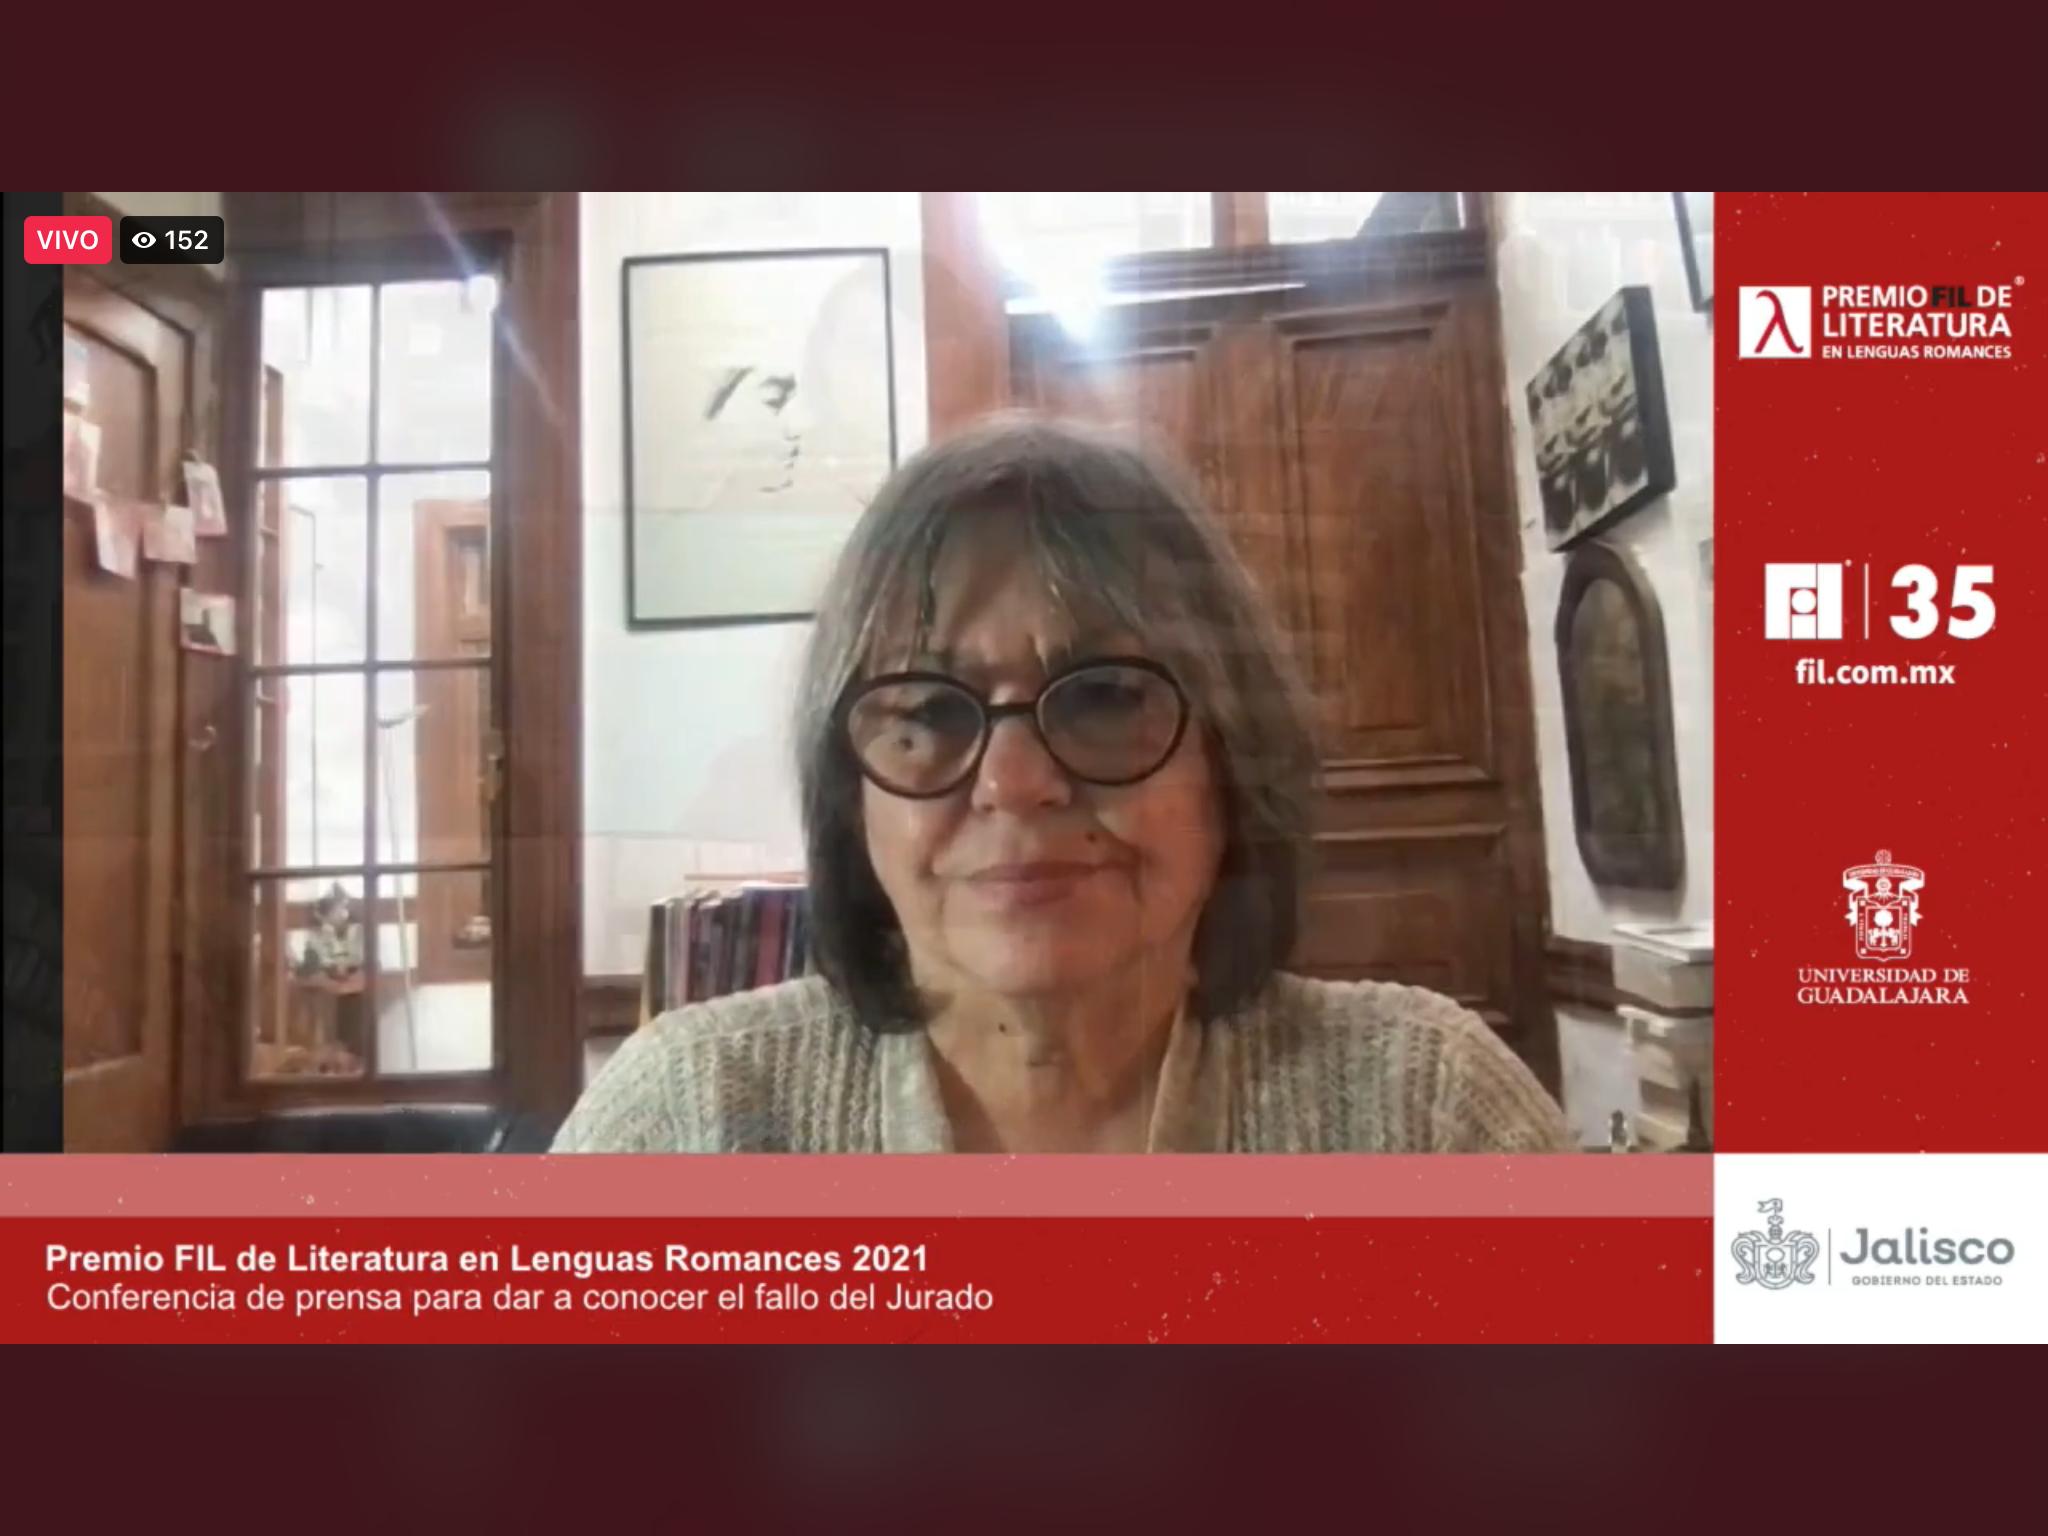 La galardonada reconoce la influencia que ha tenido de escritores mexicanos, y agradece la decisión del jurado